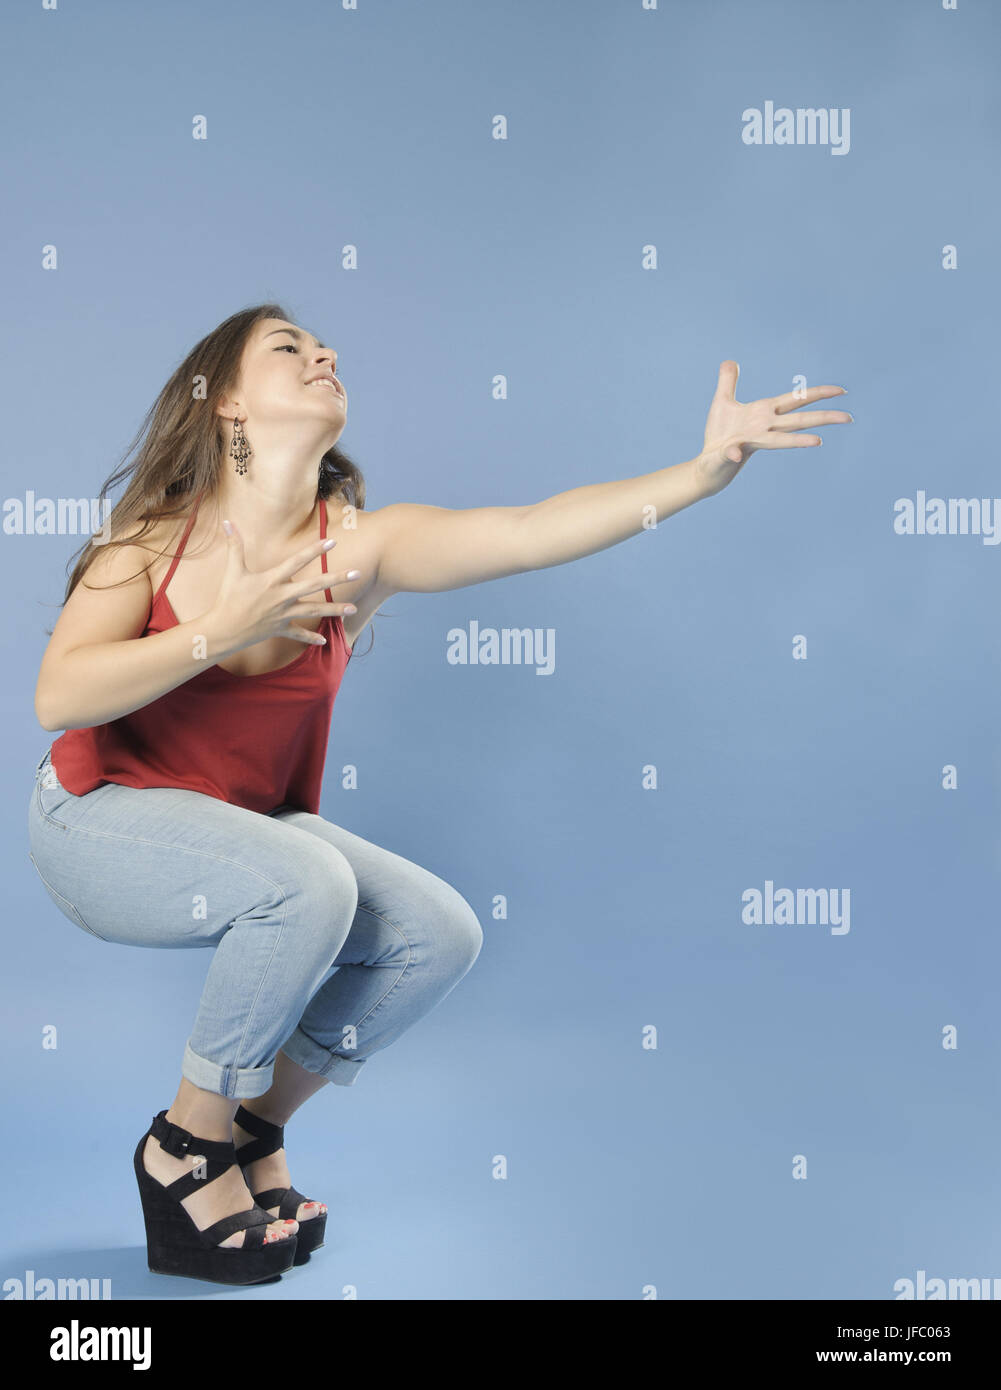 Leidenschaftlich Mädchen zieht die Arme nach vorne. Stockbild